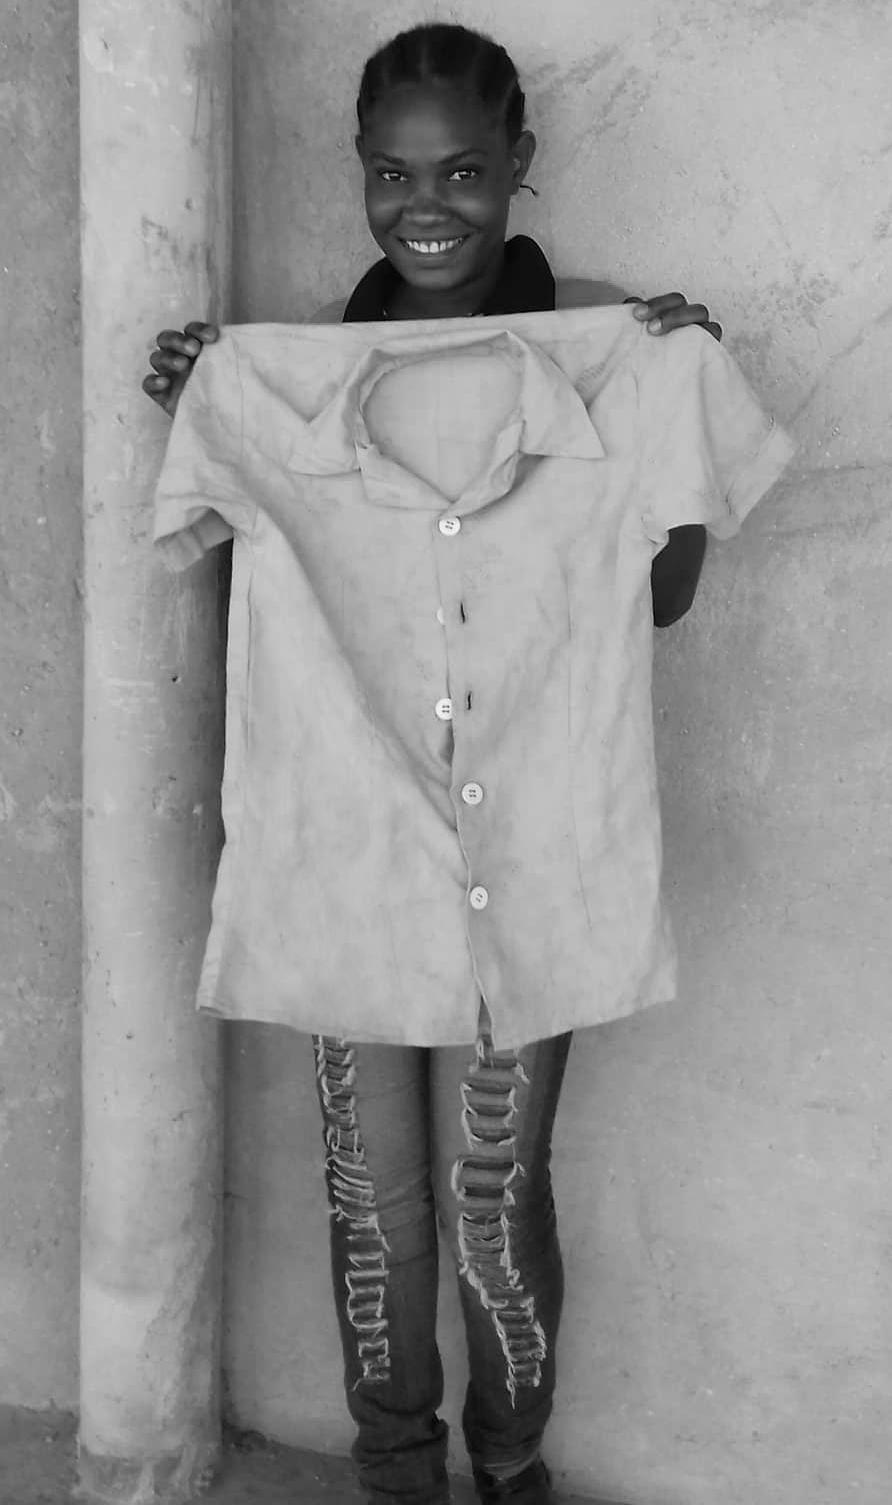 Chrisnise-shirt.png